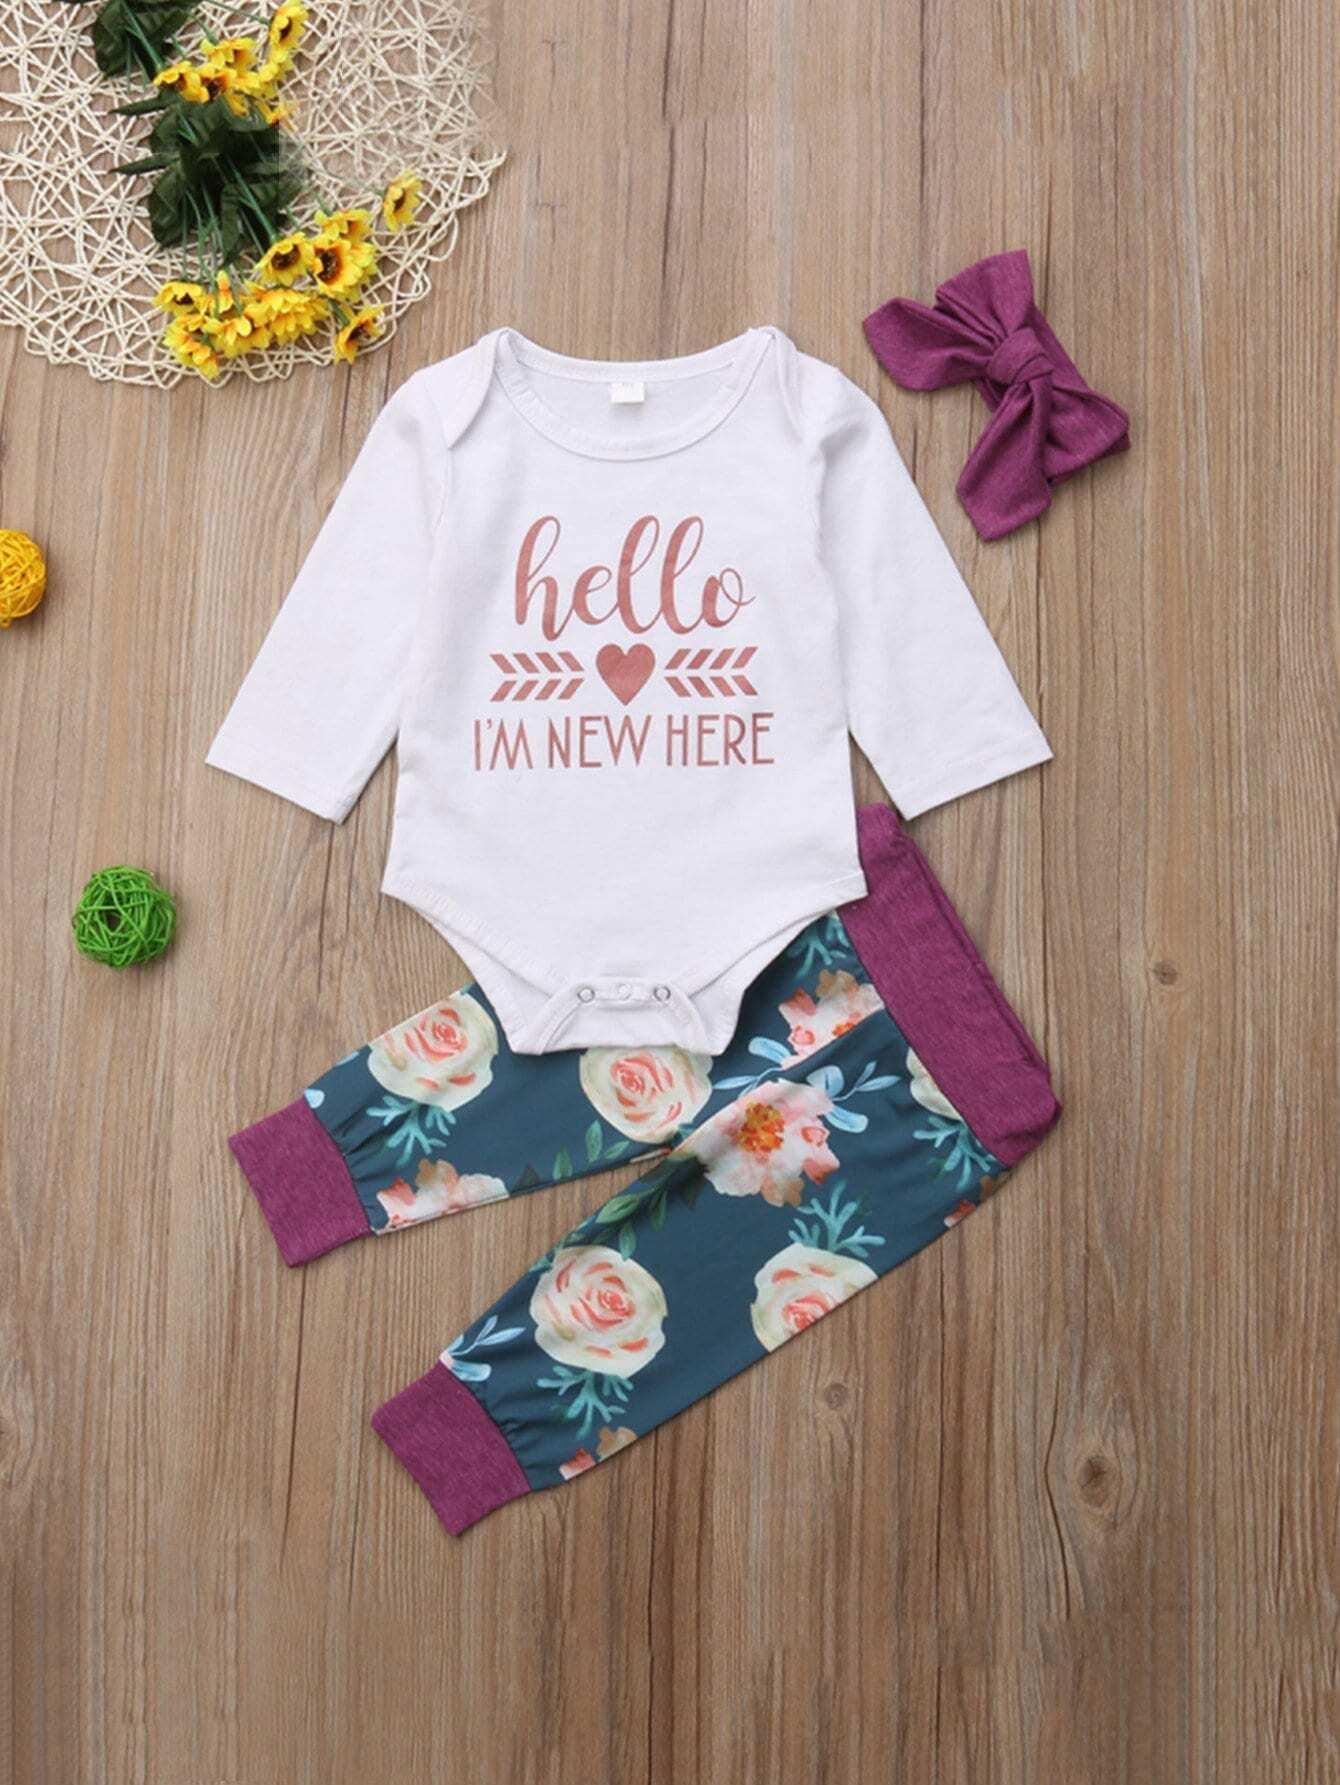 Купить Ситцевая блуза с принтом букв и брюки и бандана для малышских девочек, null, SheIn